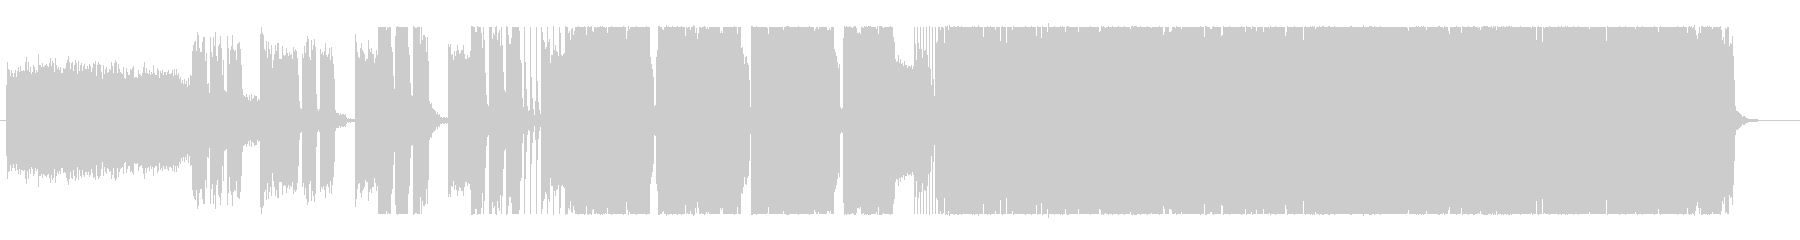 HR/HMインストの未再生の波形